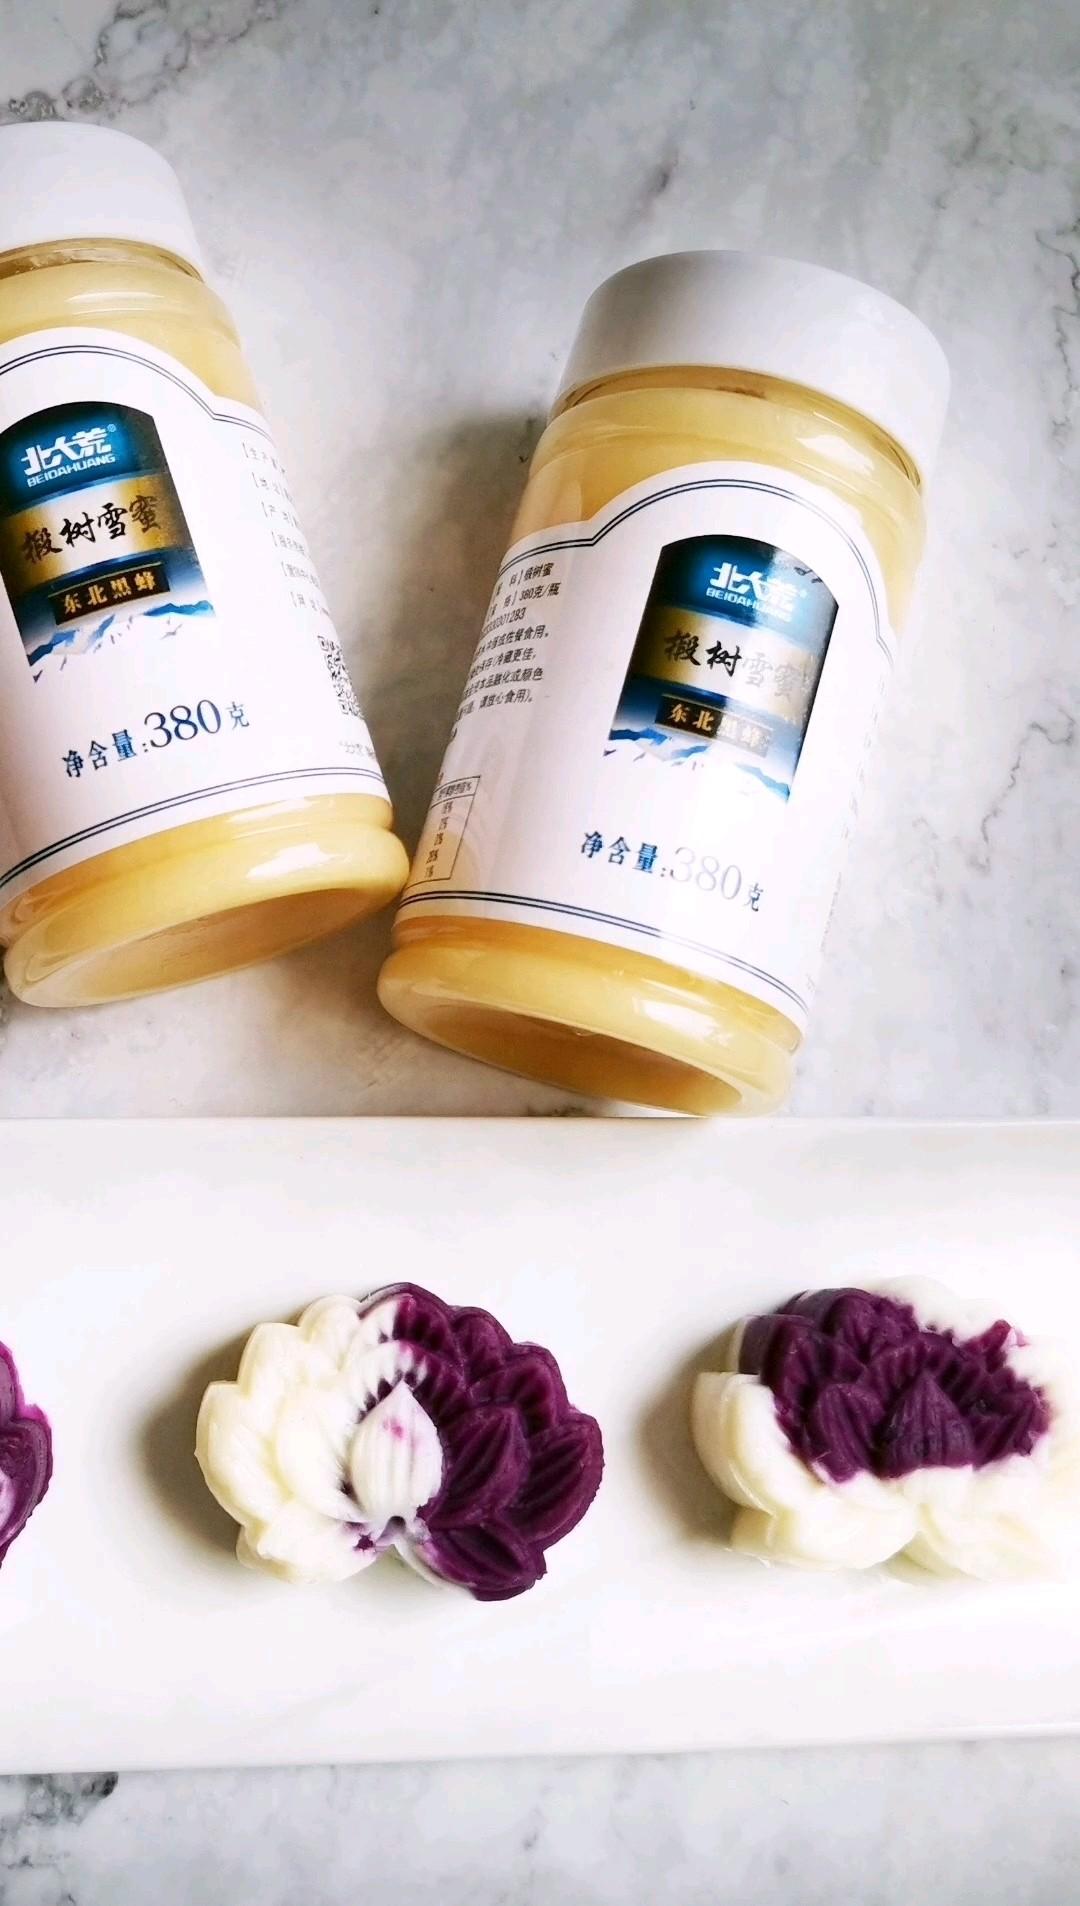 美容养颜的蜂蜜山药紫薯糕